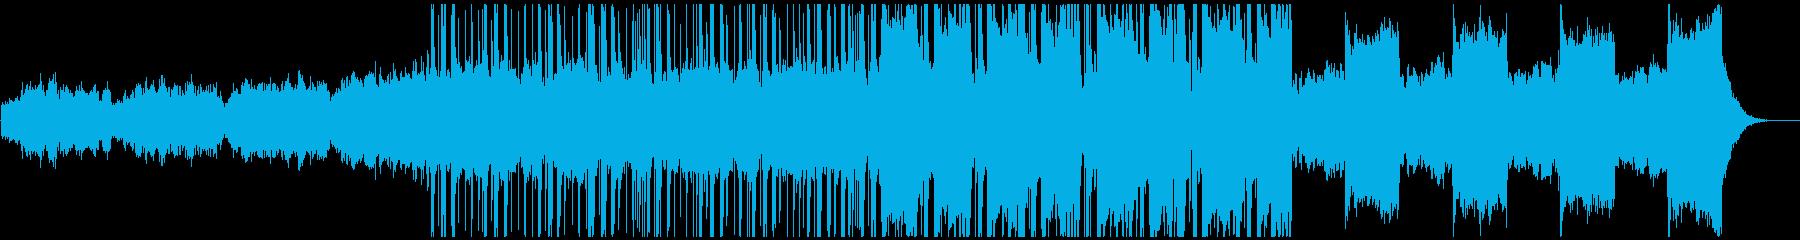 昔っぽいサウンドが特徴的なLofiビートの再生済みの波形